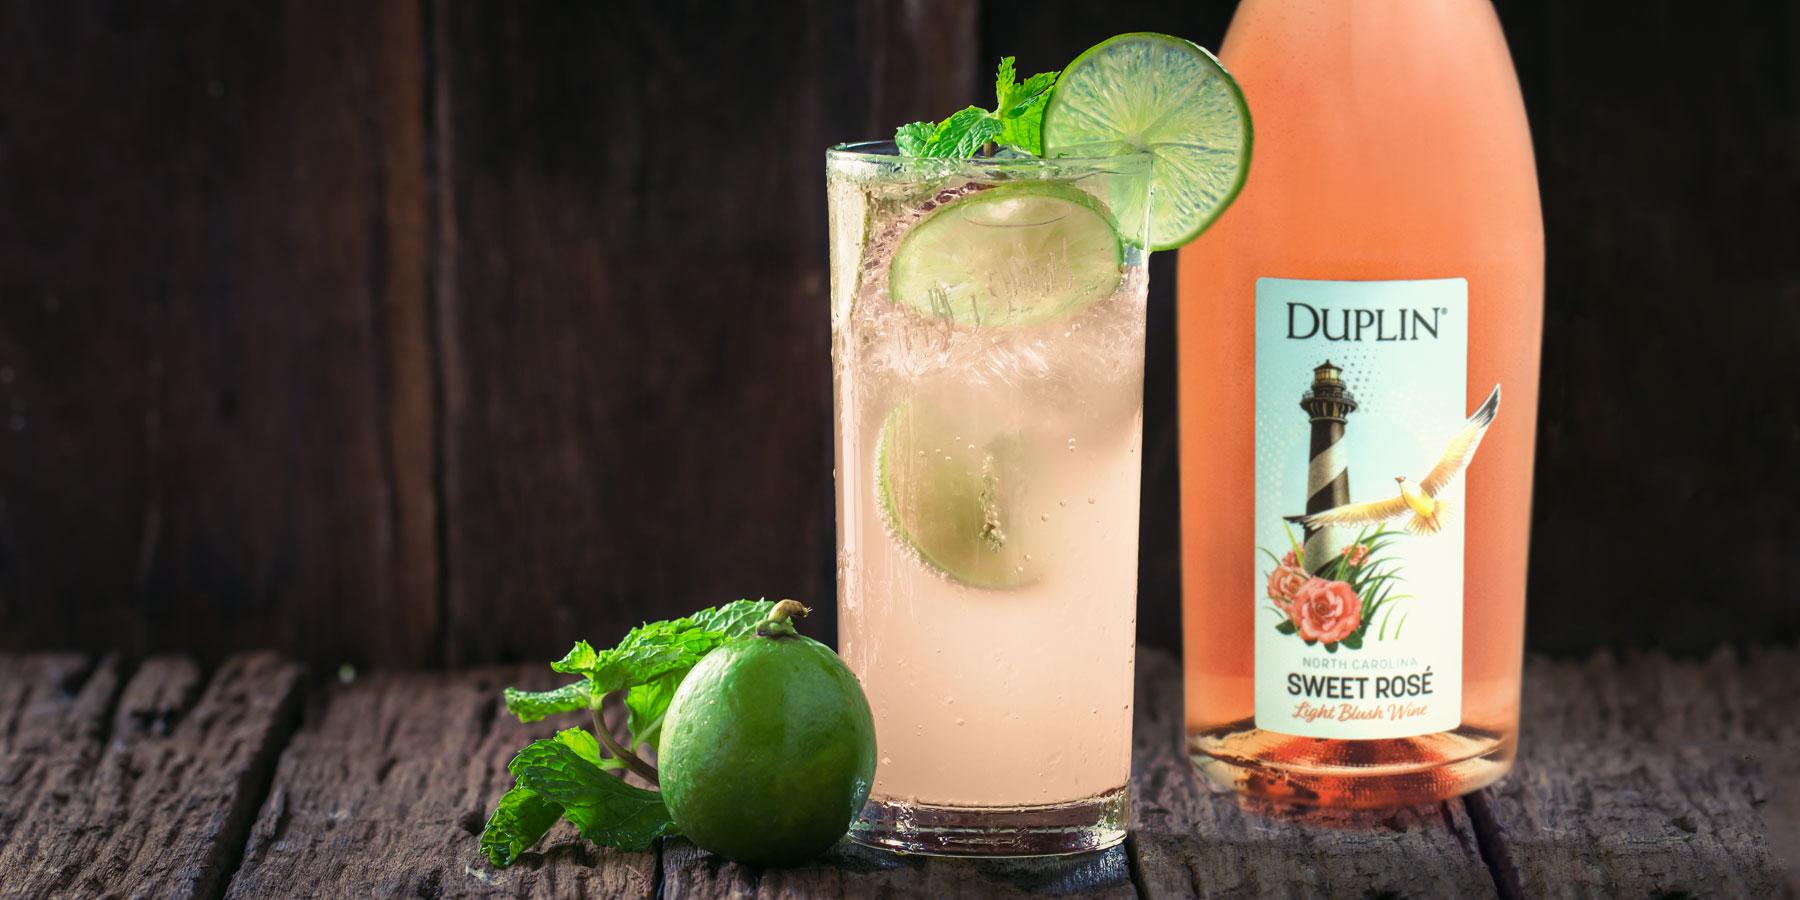 Duplin Sweet Rosé adds a fizzy, fruity twist.